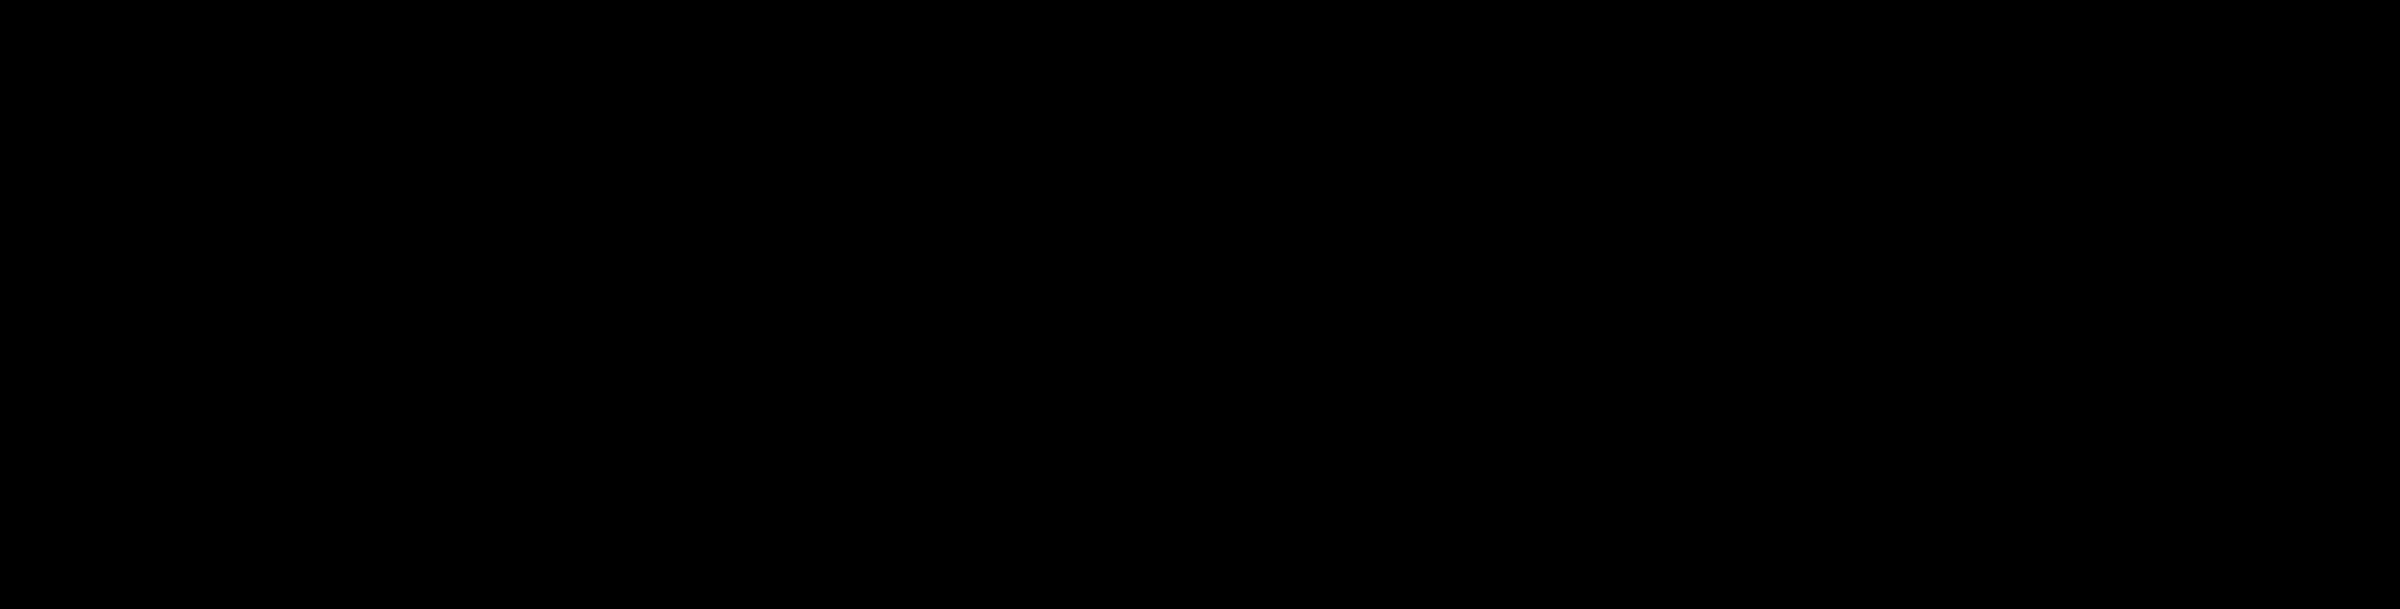 GEO Logo PNG Transparent & SVG Vector.